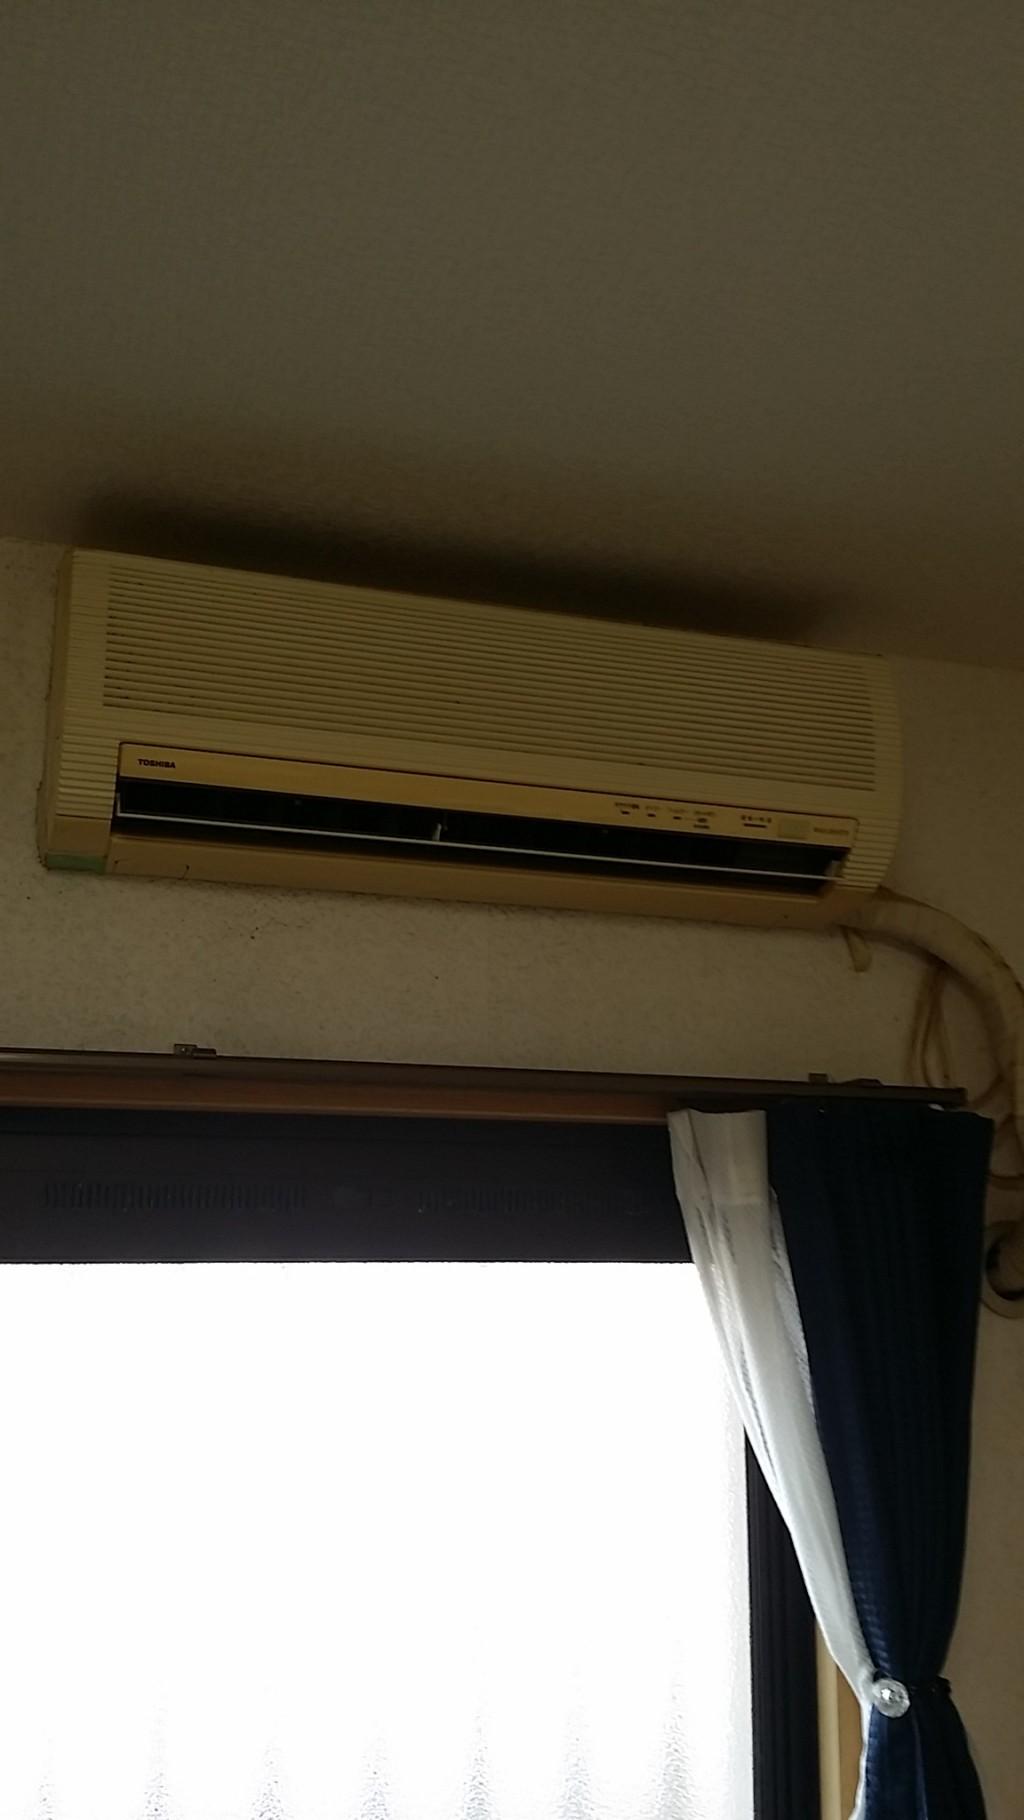 【霧島市】エアコンの取り外しと回収・処分のご依頼 お客様の声